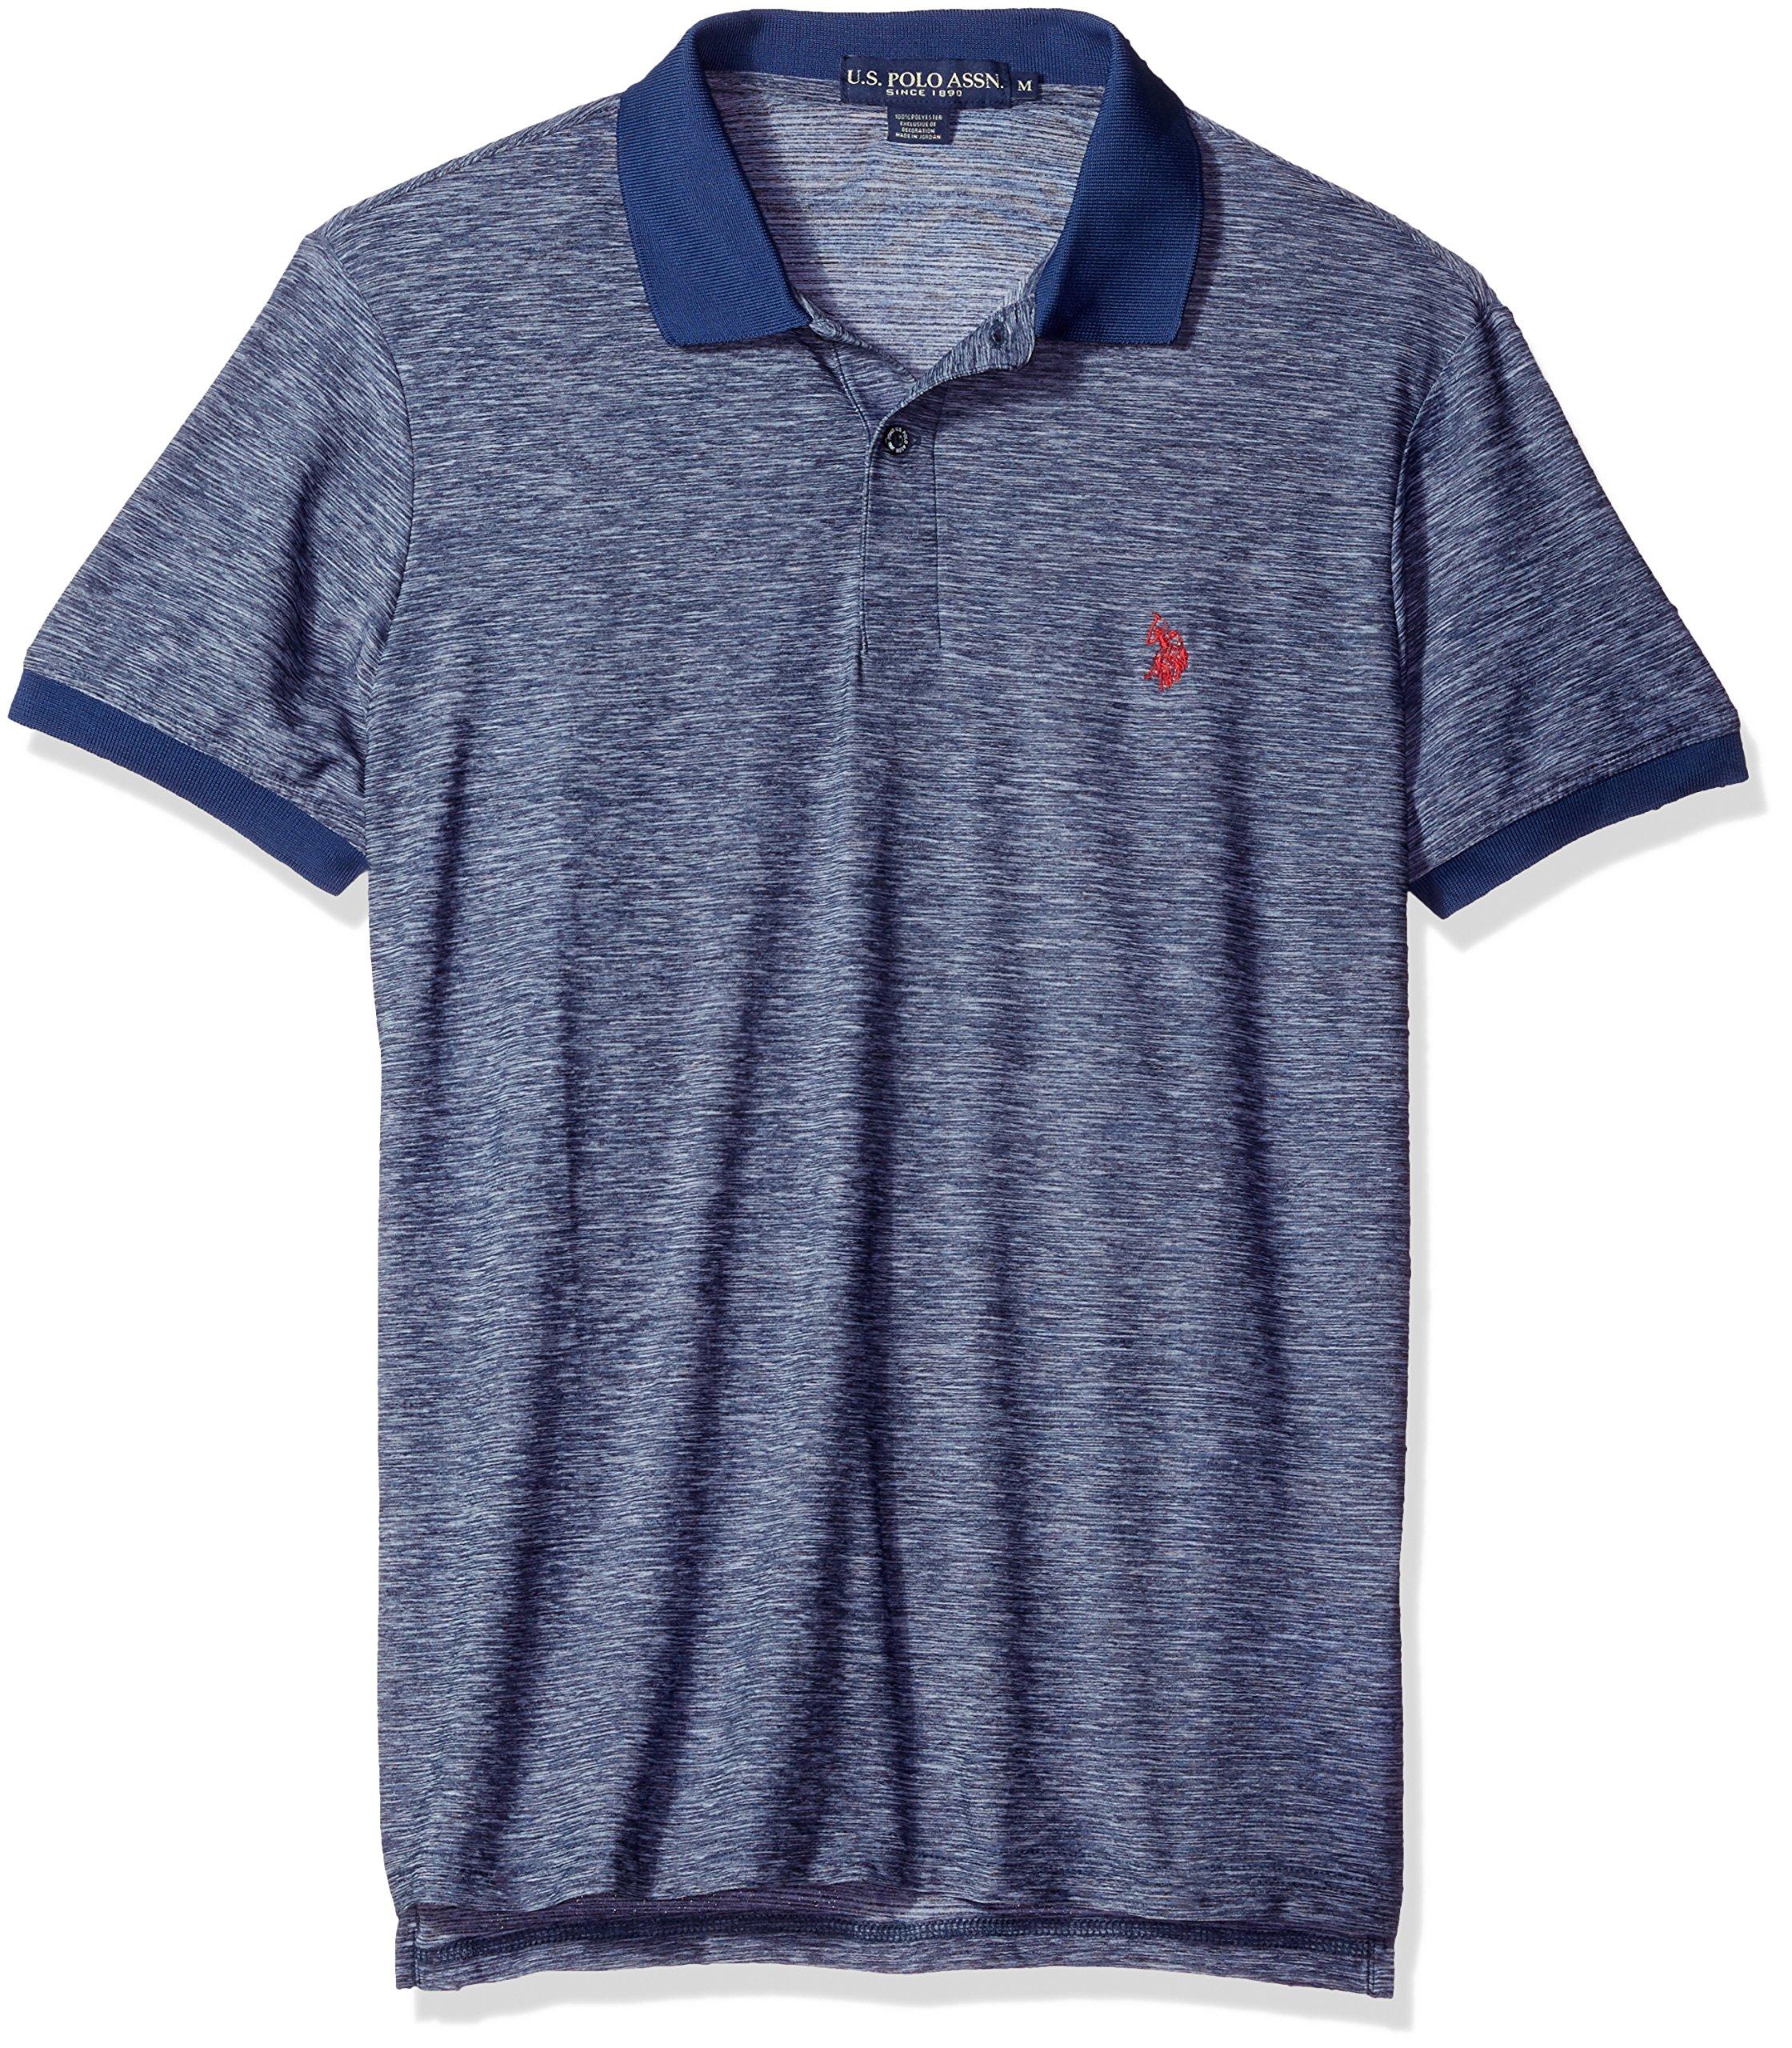 Mens Solid Short-Sleeve Pique Polo Shirt Polo Assn U.S